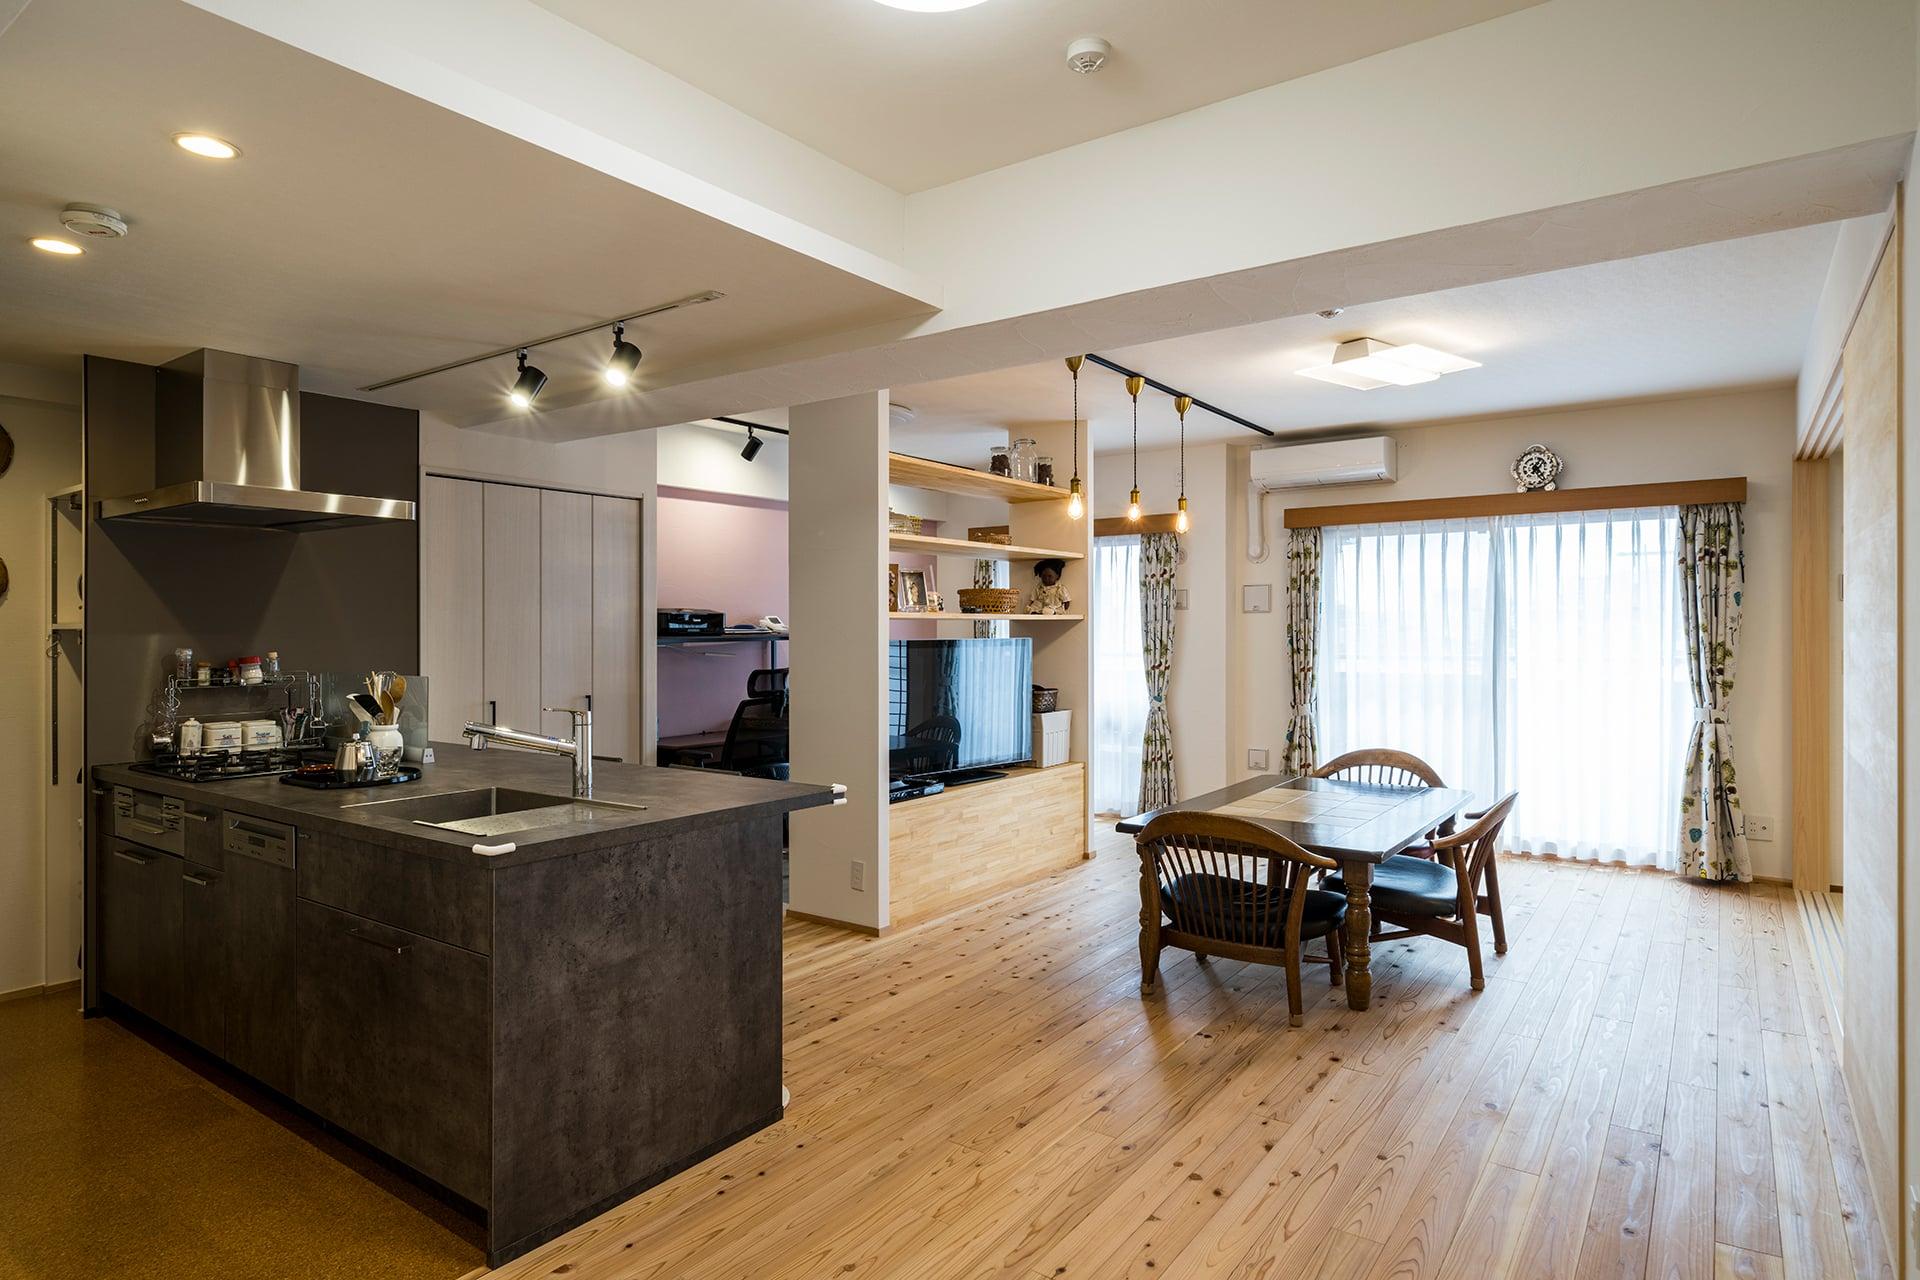 天竜杉がやさしく包む イロトリドリな住まい | こだわりの自然素材・天然素材の注文住宅・リノベーション(フルリフォーム)の駿河屋